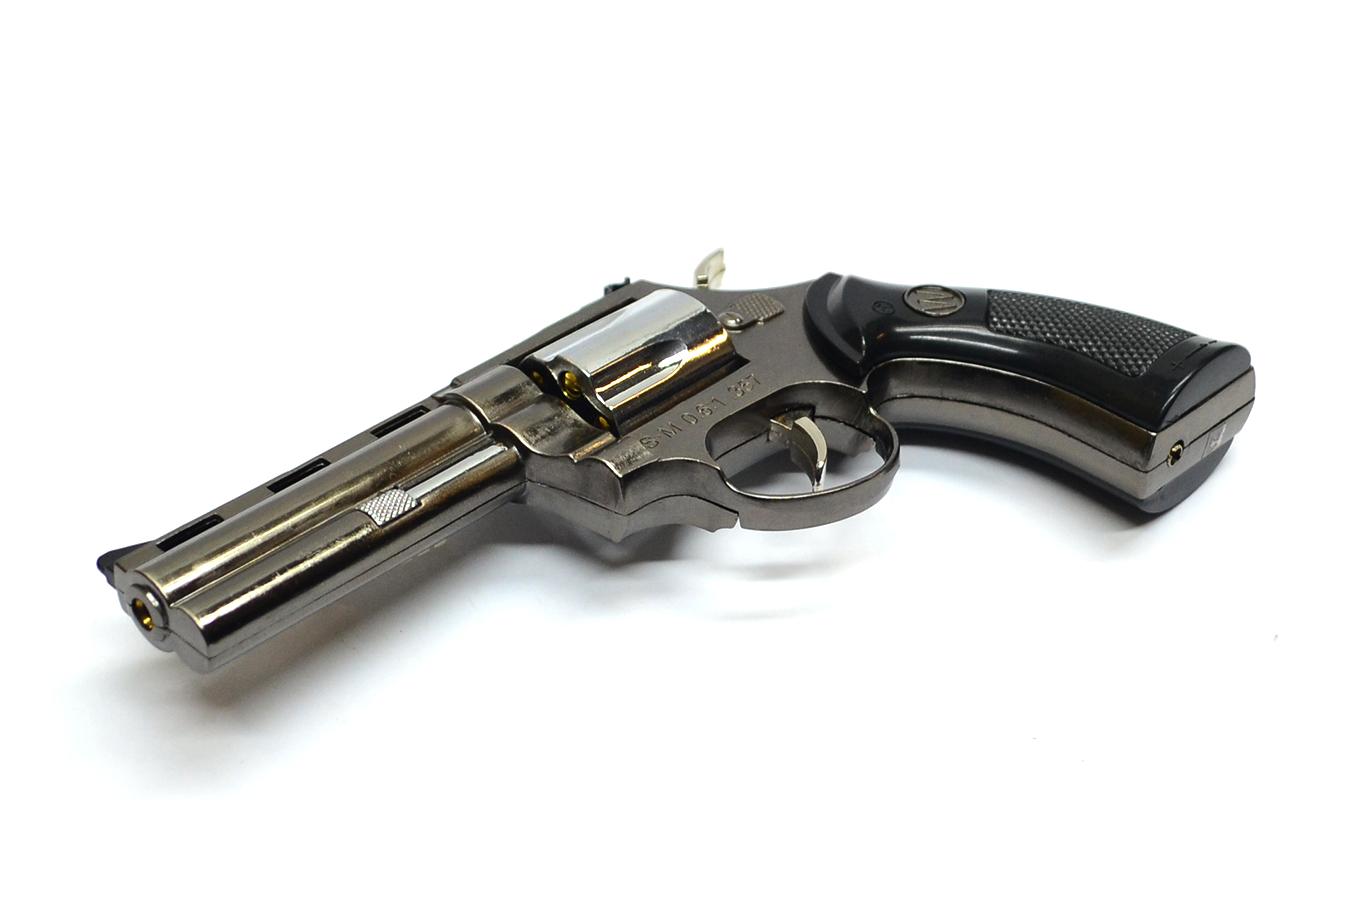 Револьвер Colt Python изображение 1